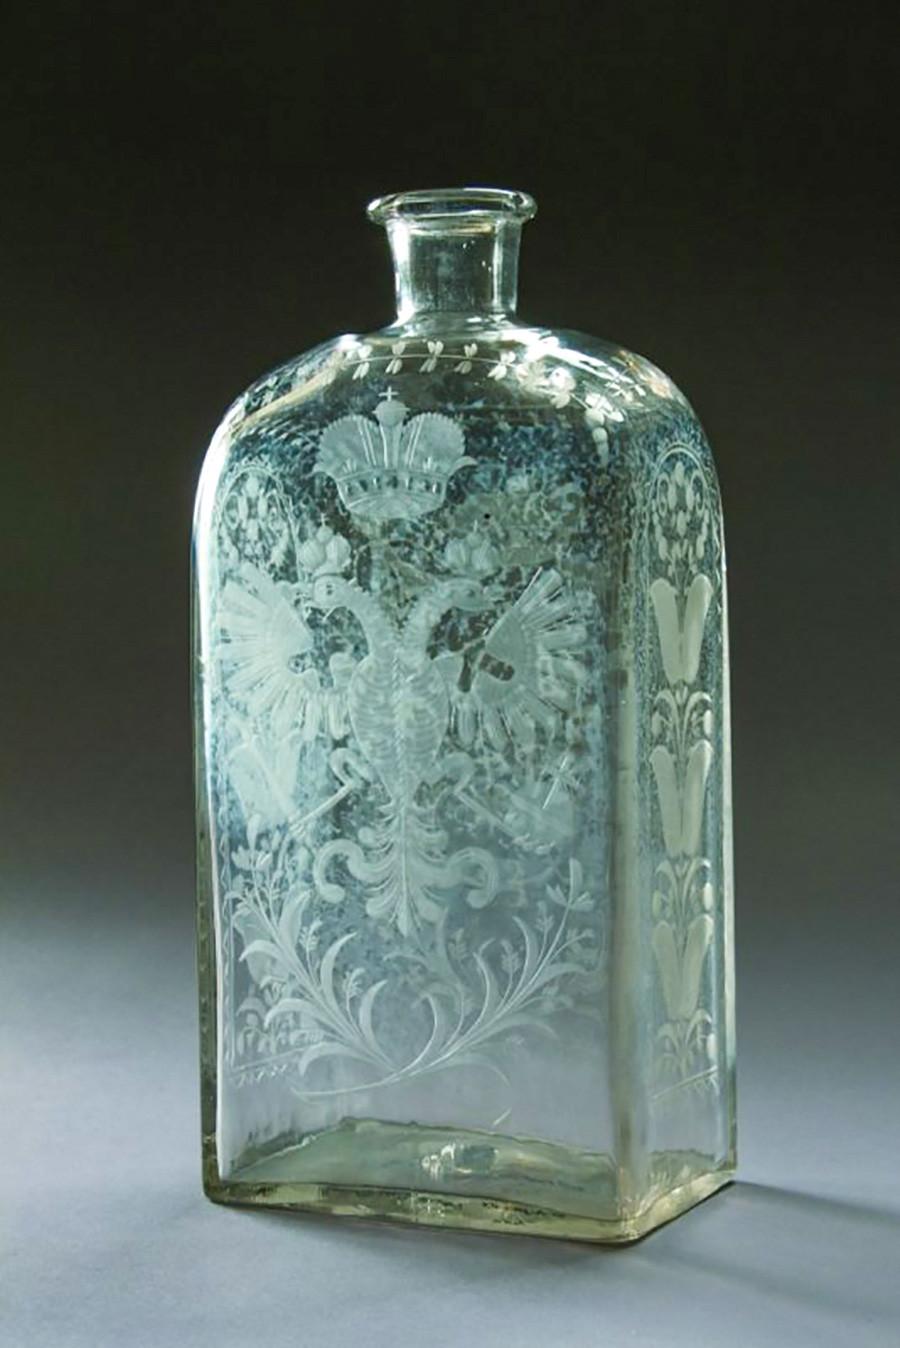 Штоф (боца од 1,23 л; стара мера за запремину течности и за стаклену флашу која је служила за алкохолна пића). Средина 18. века. Безбојно матирано стакло. Фабрика у Петербургу.